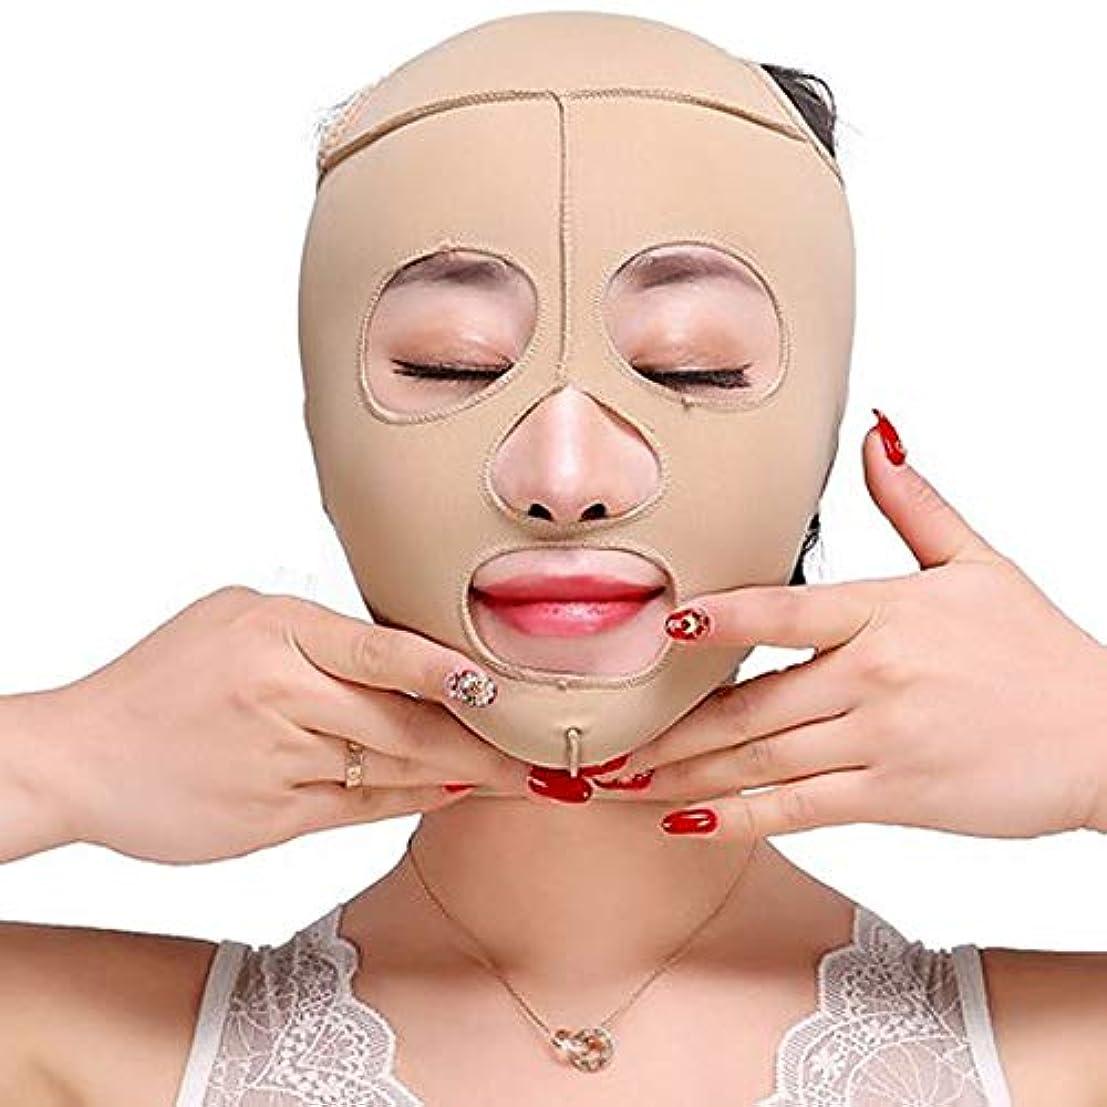 振幅敬な暴君GLJJQMY フェイシャルリフティングフェイシャルVマスクダブルあご薄い顔包帯抗シワリフティングチークライン 顔用整形マスク (Size : M)